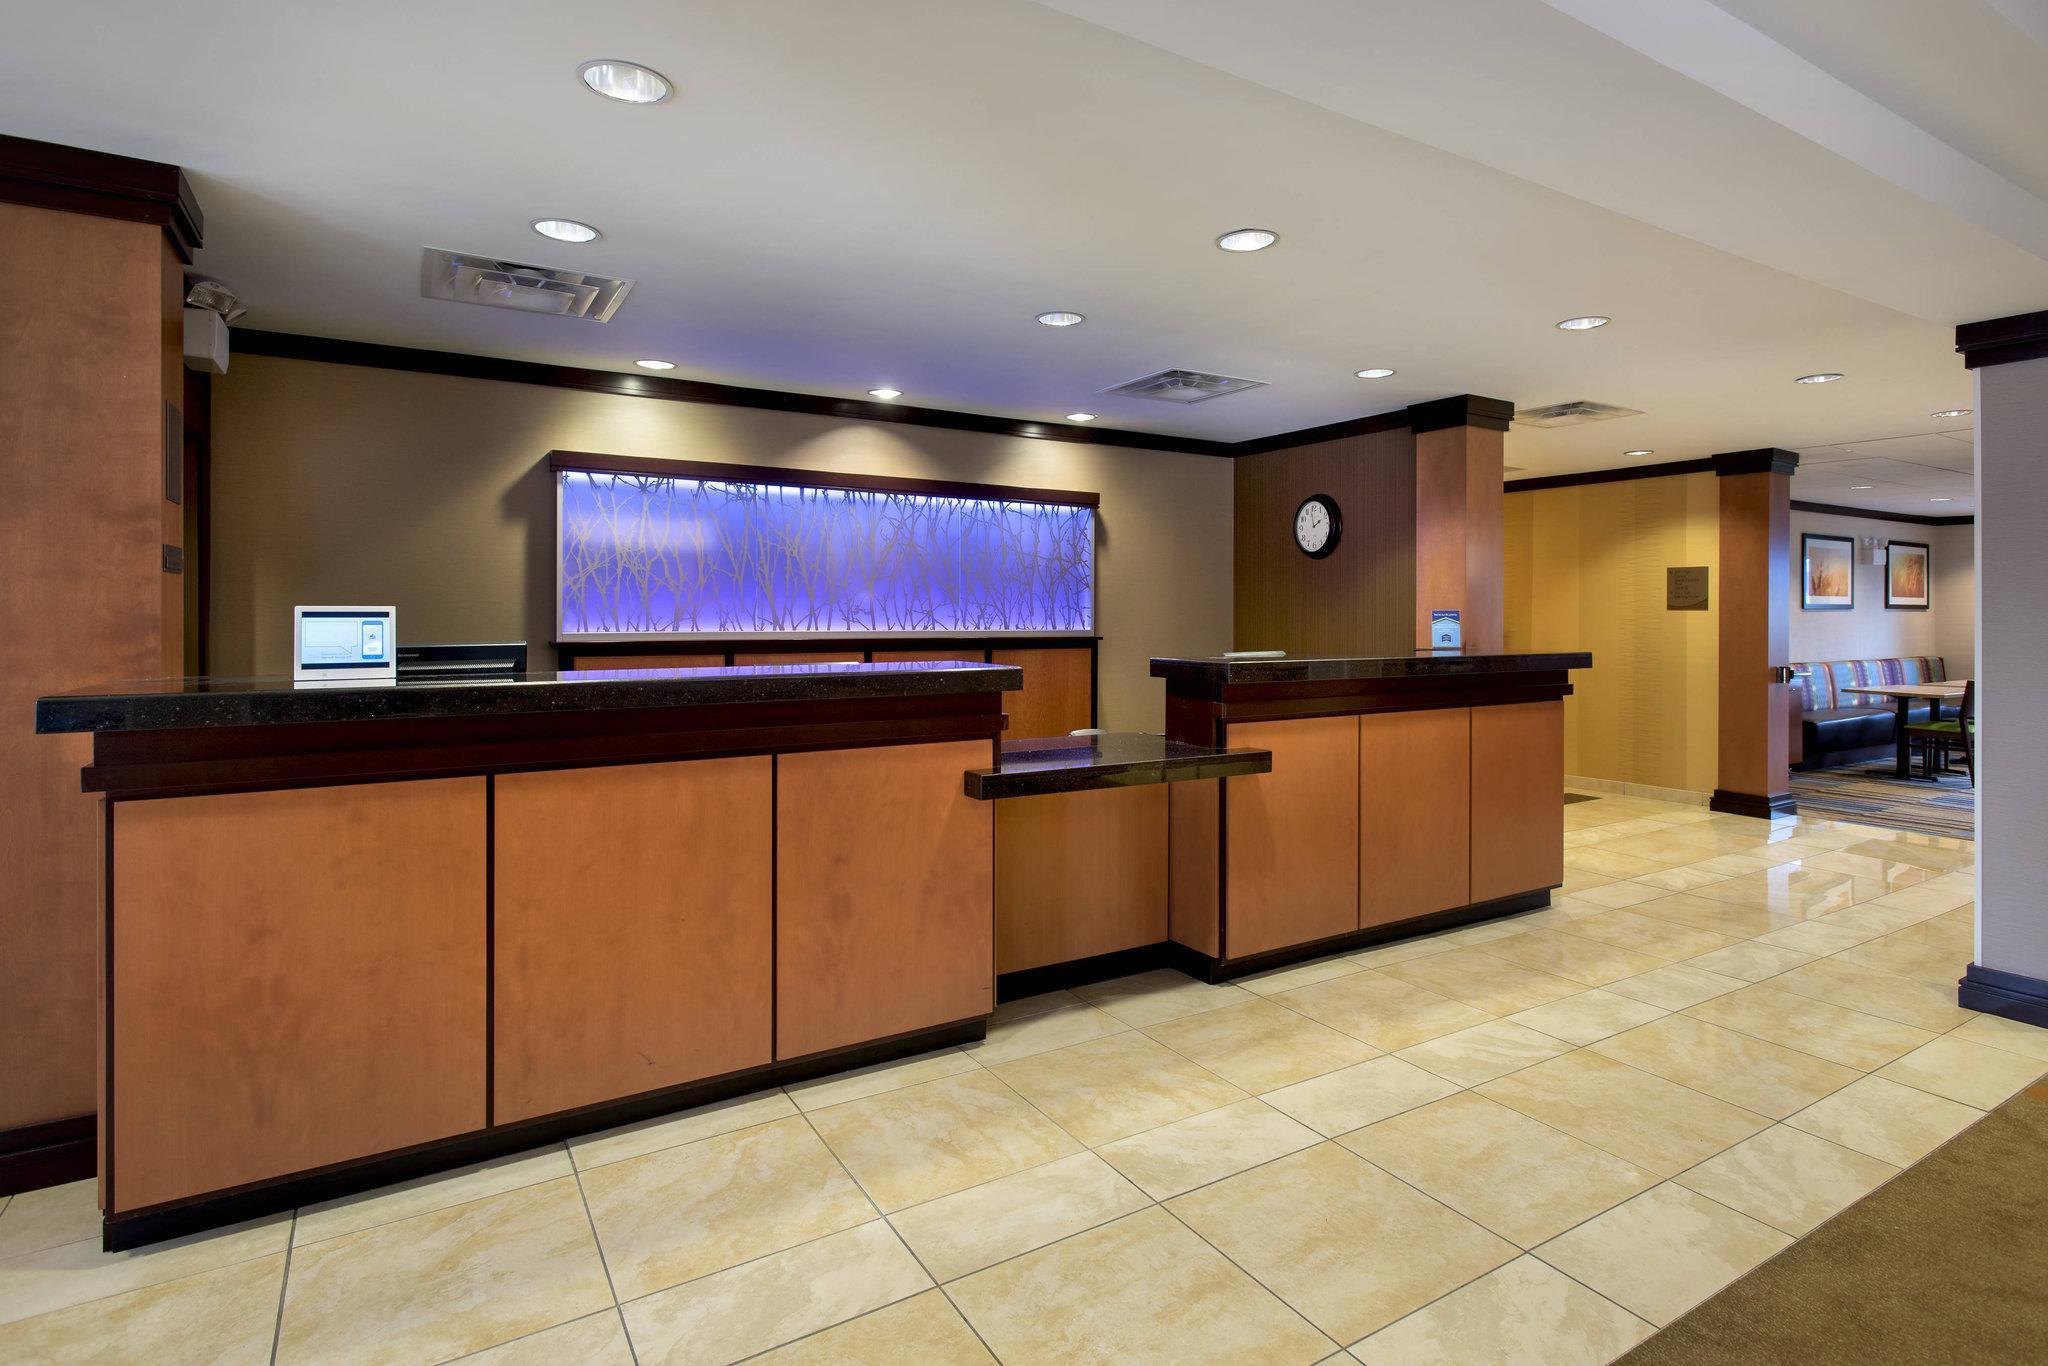 Fairfield Inn And Suites Verona